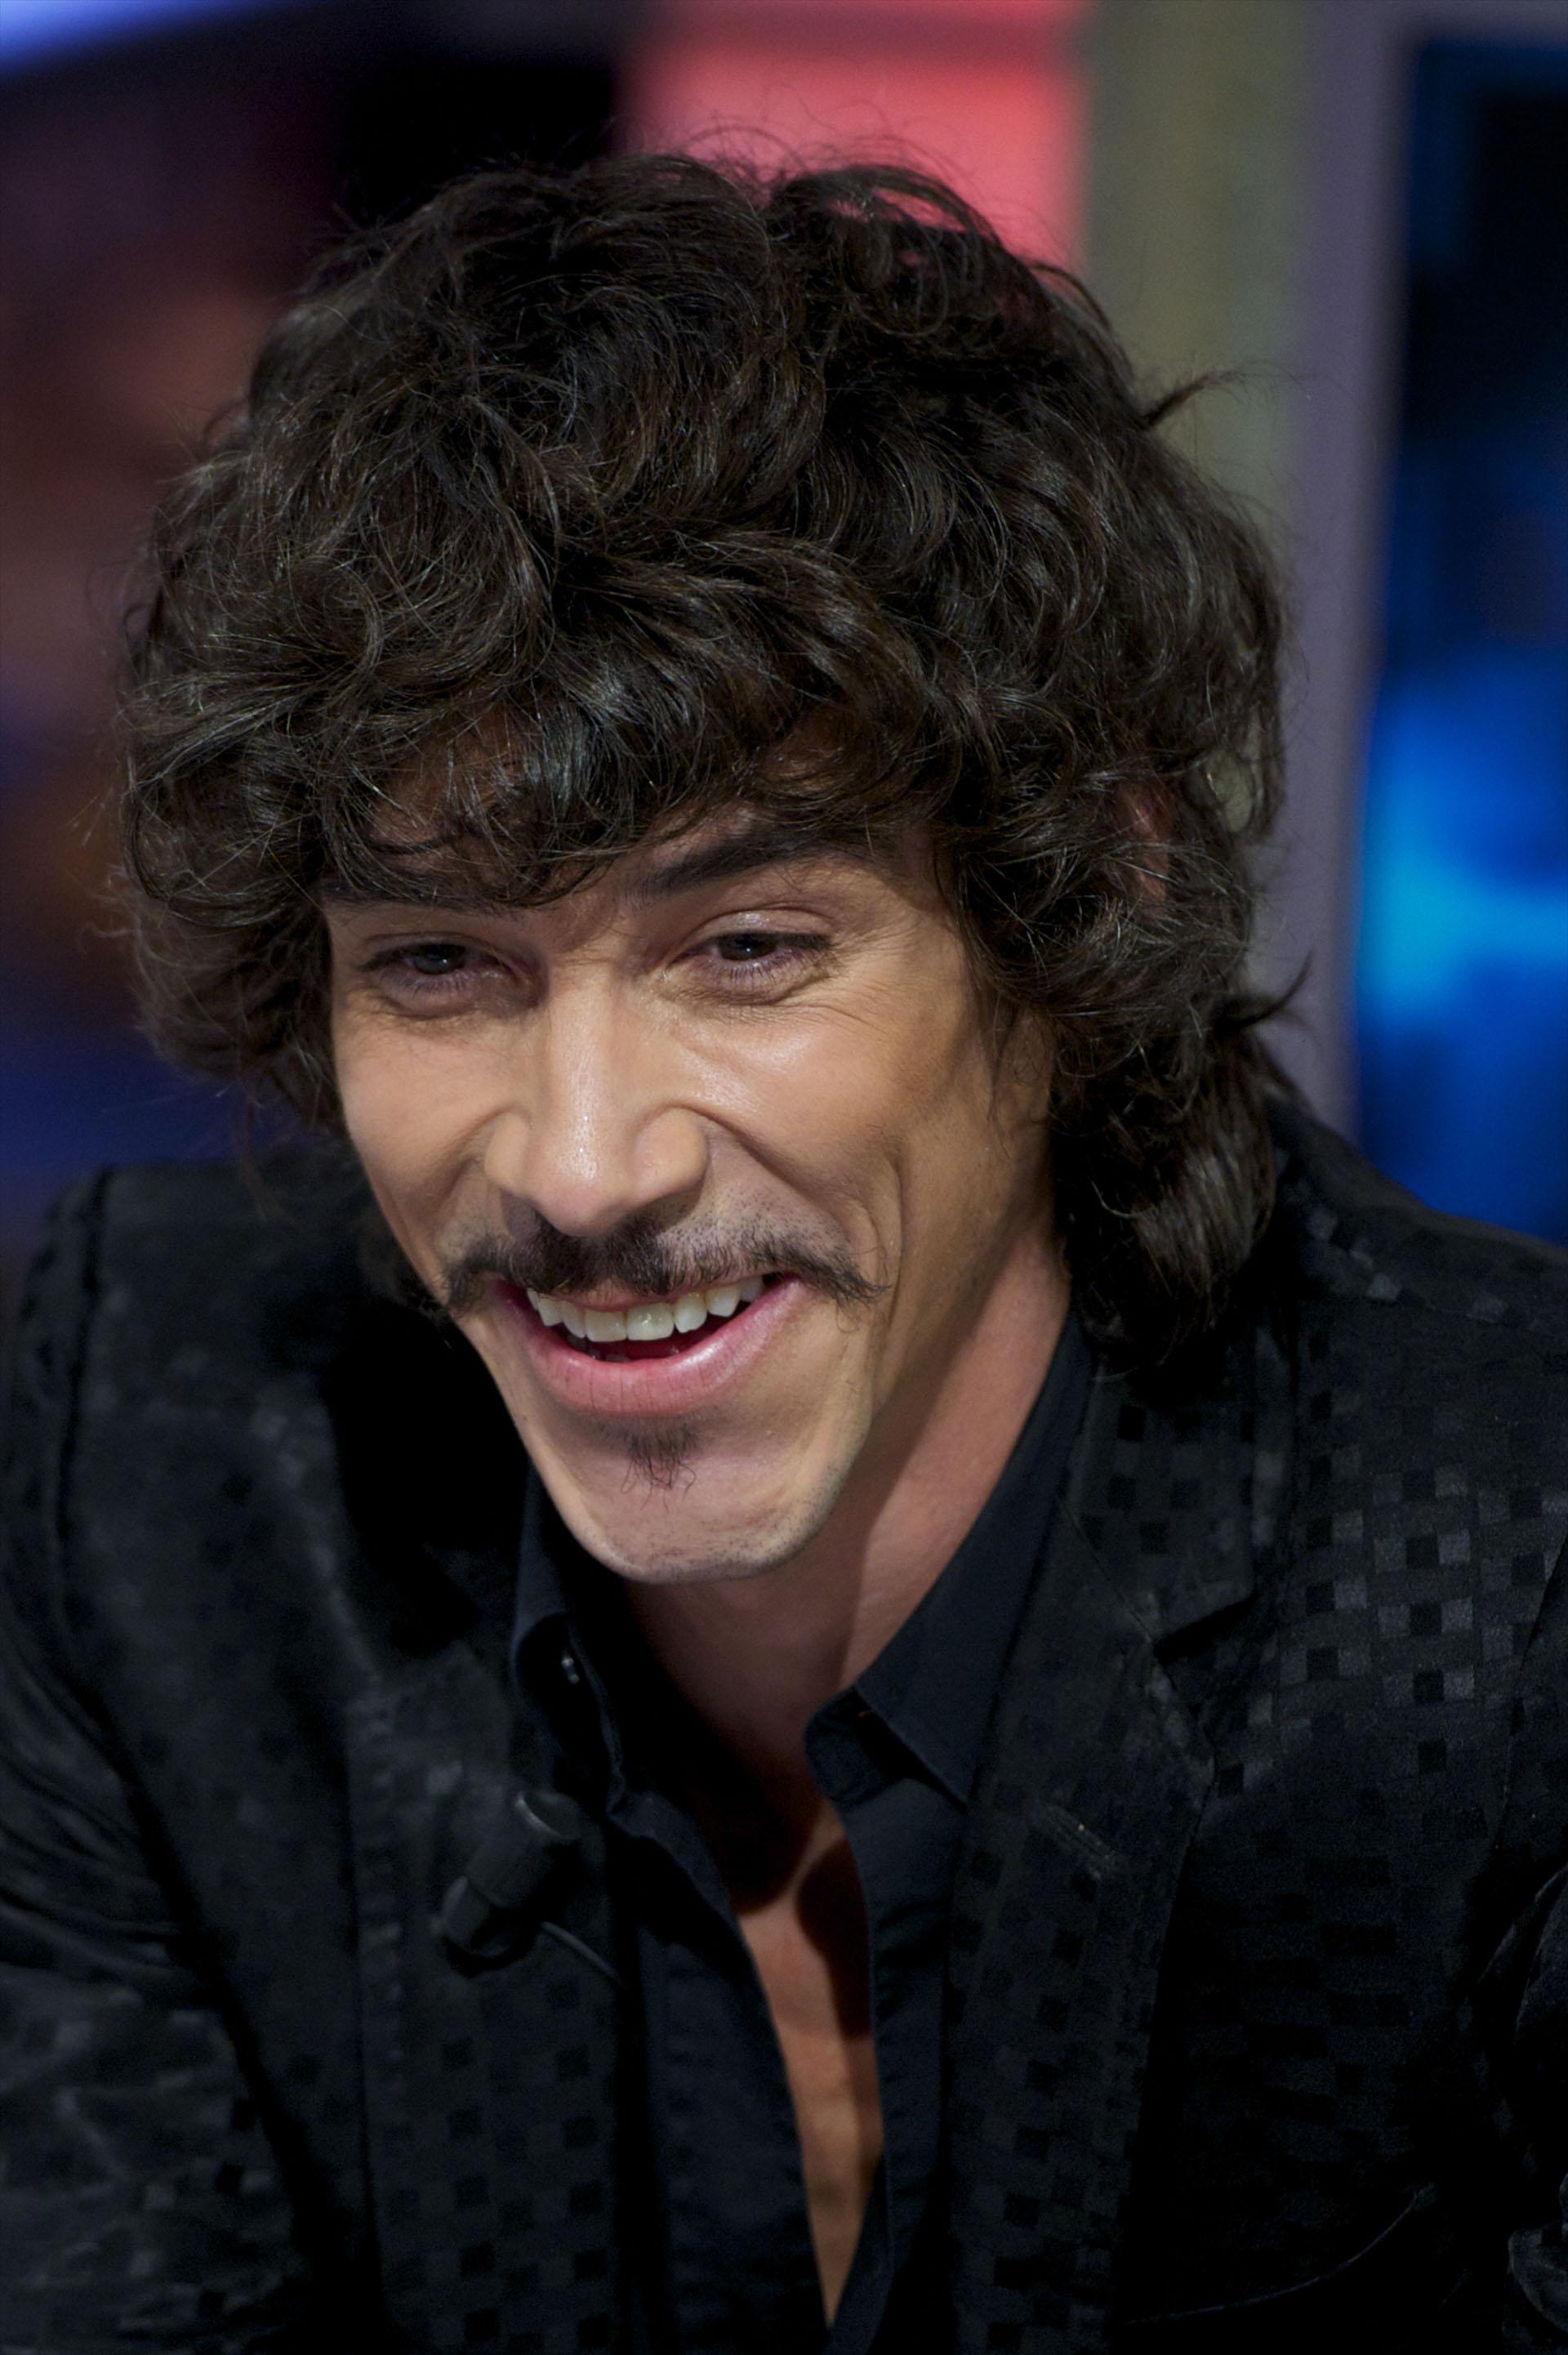 El actor catalán fue protagonista en la serie de Luis Miguel (Foto: Gimenez/Getty Images)